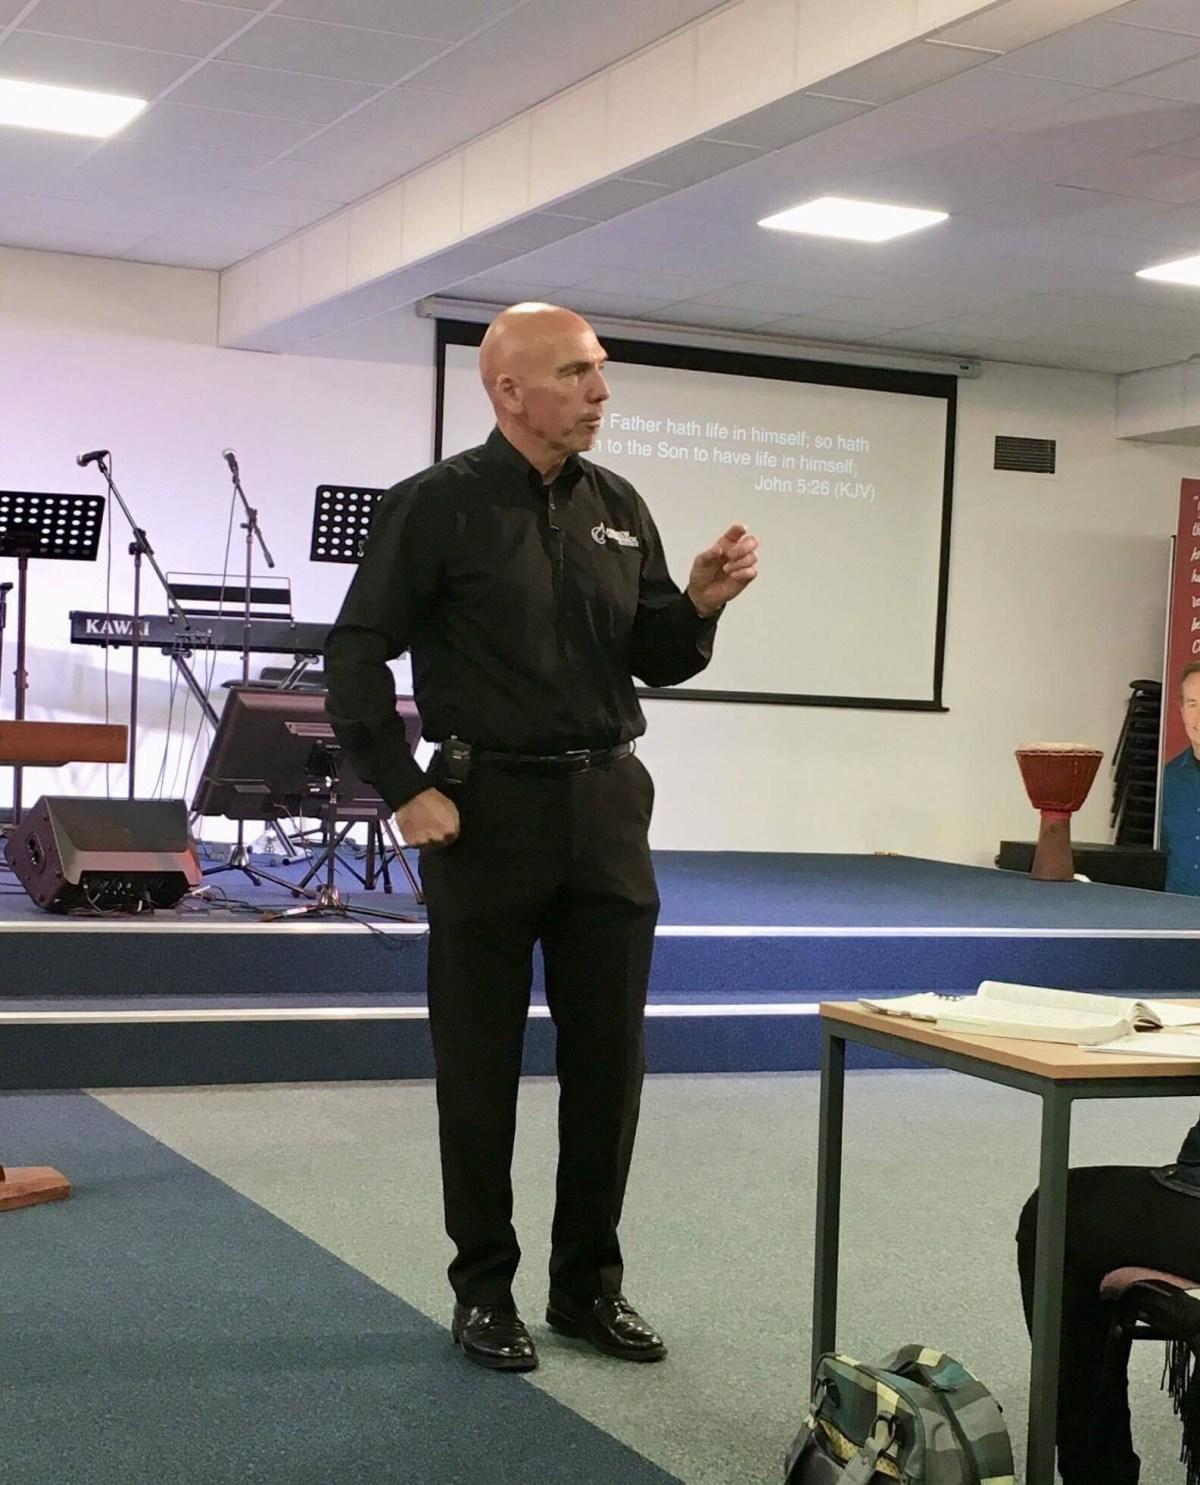 John Ministering